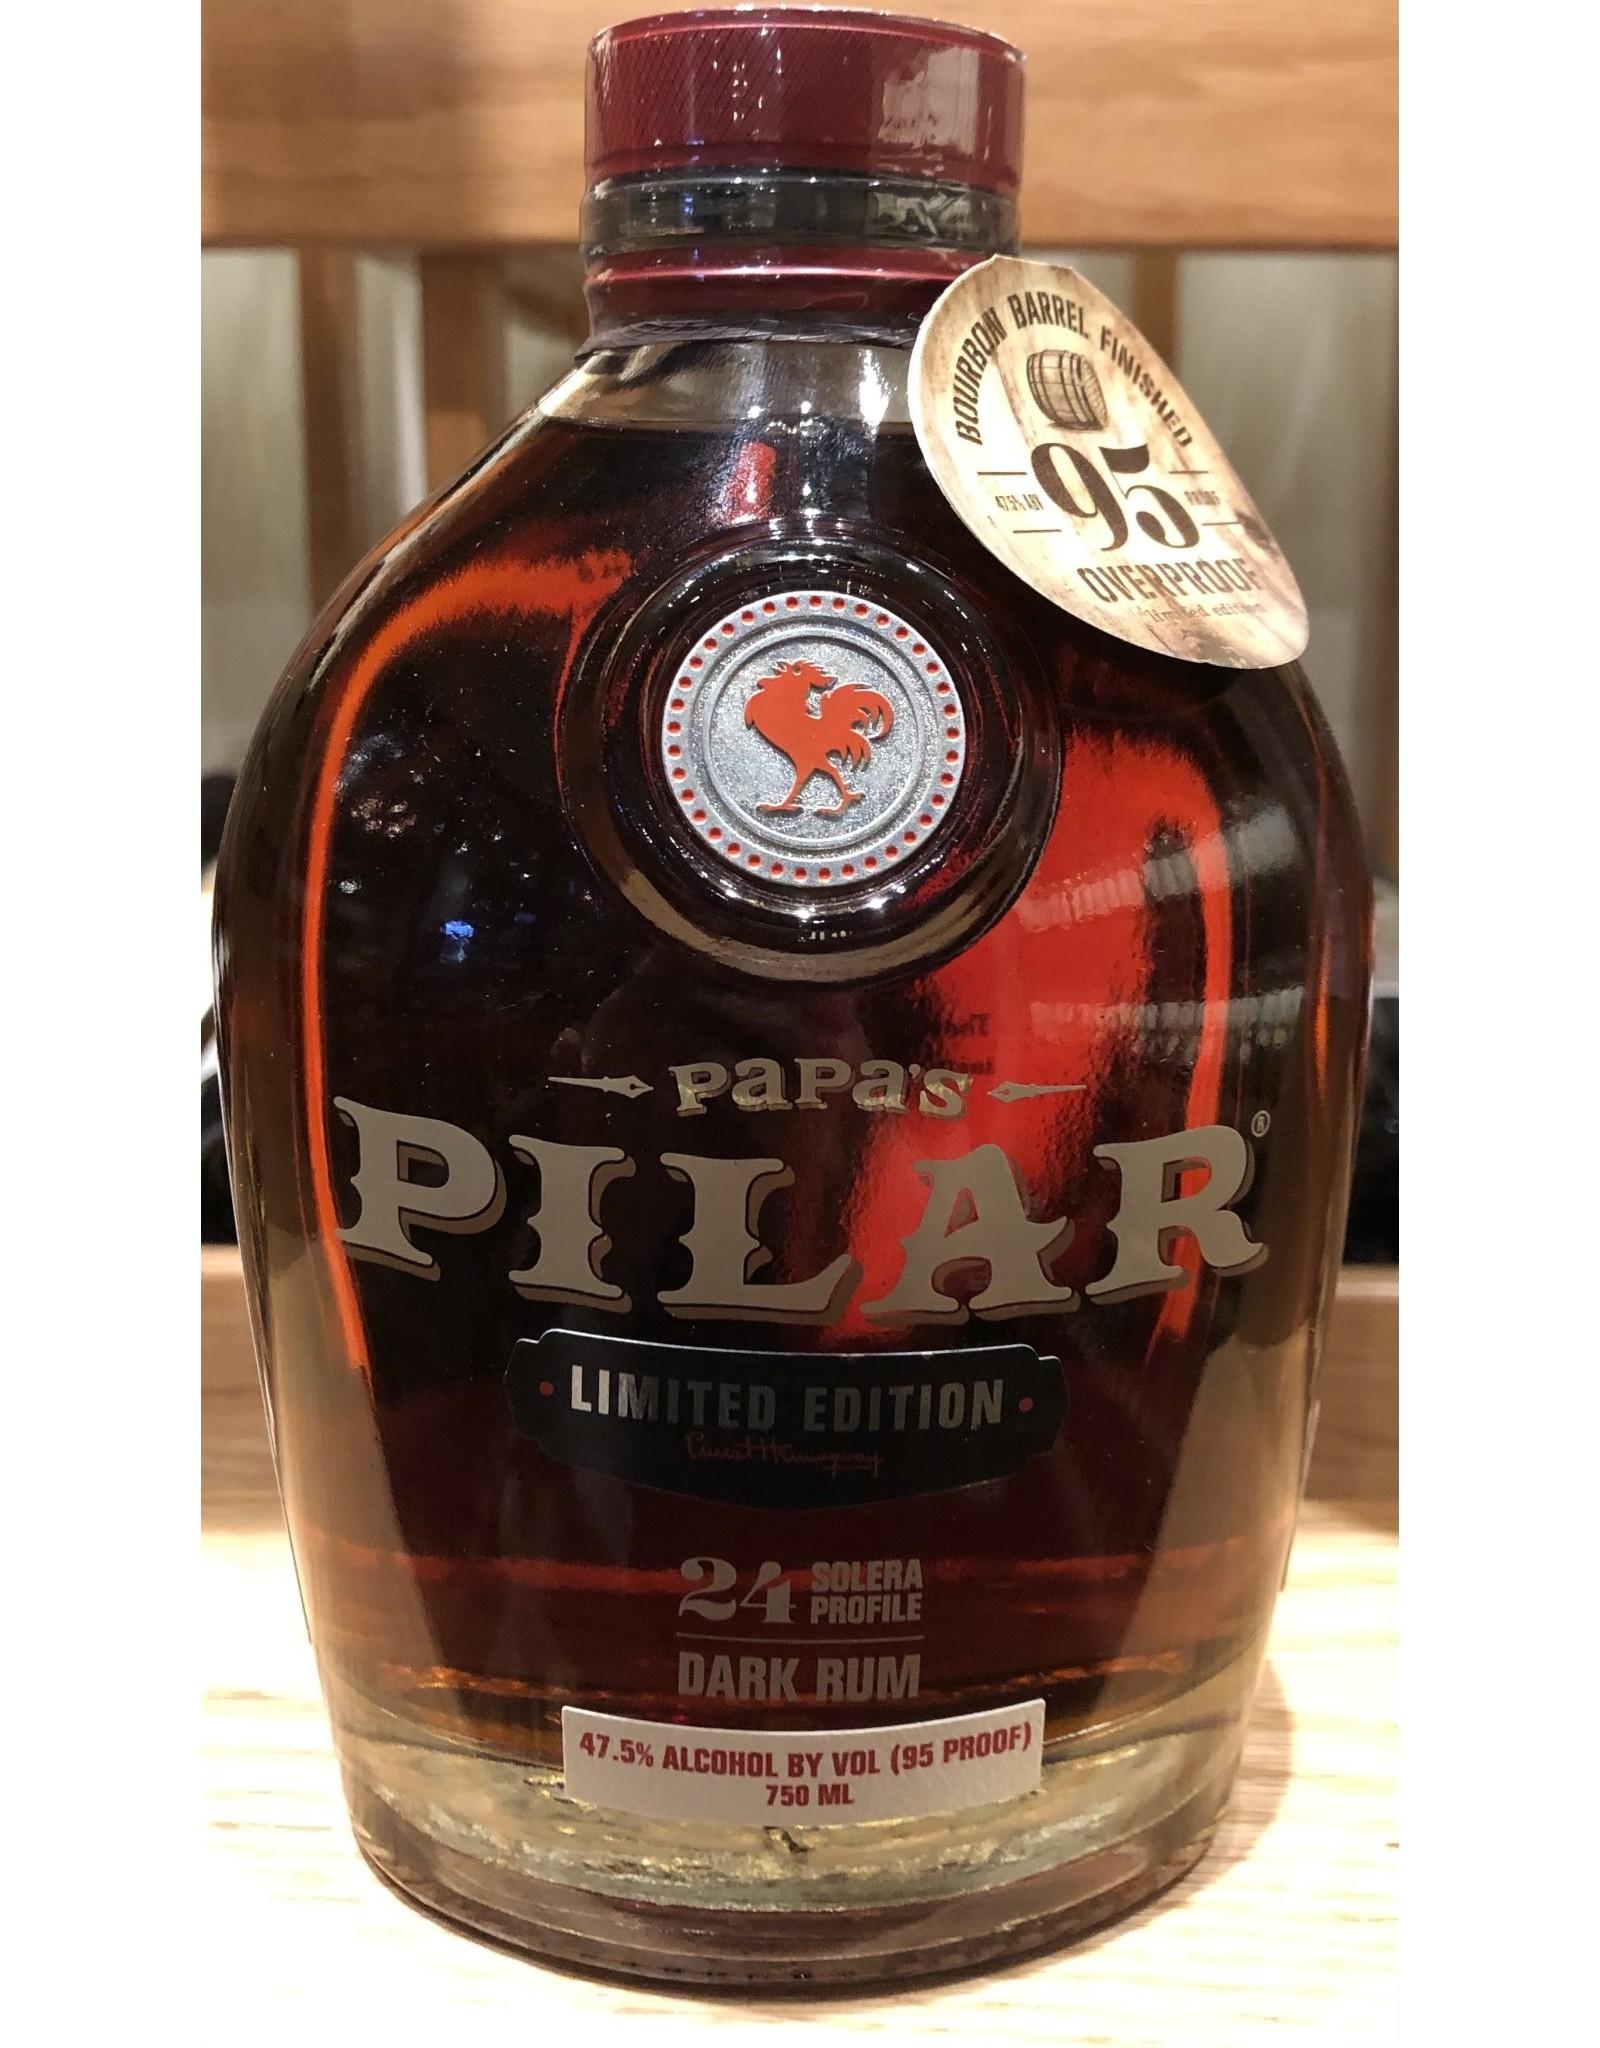 Tampa Bay Whiskey Tribunal Papa's Pilar Dark Rum